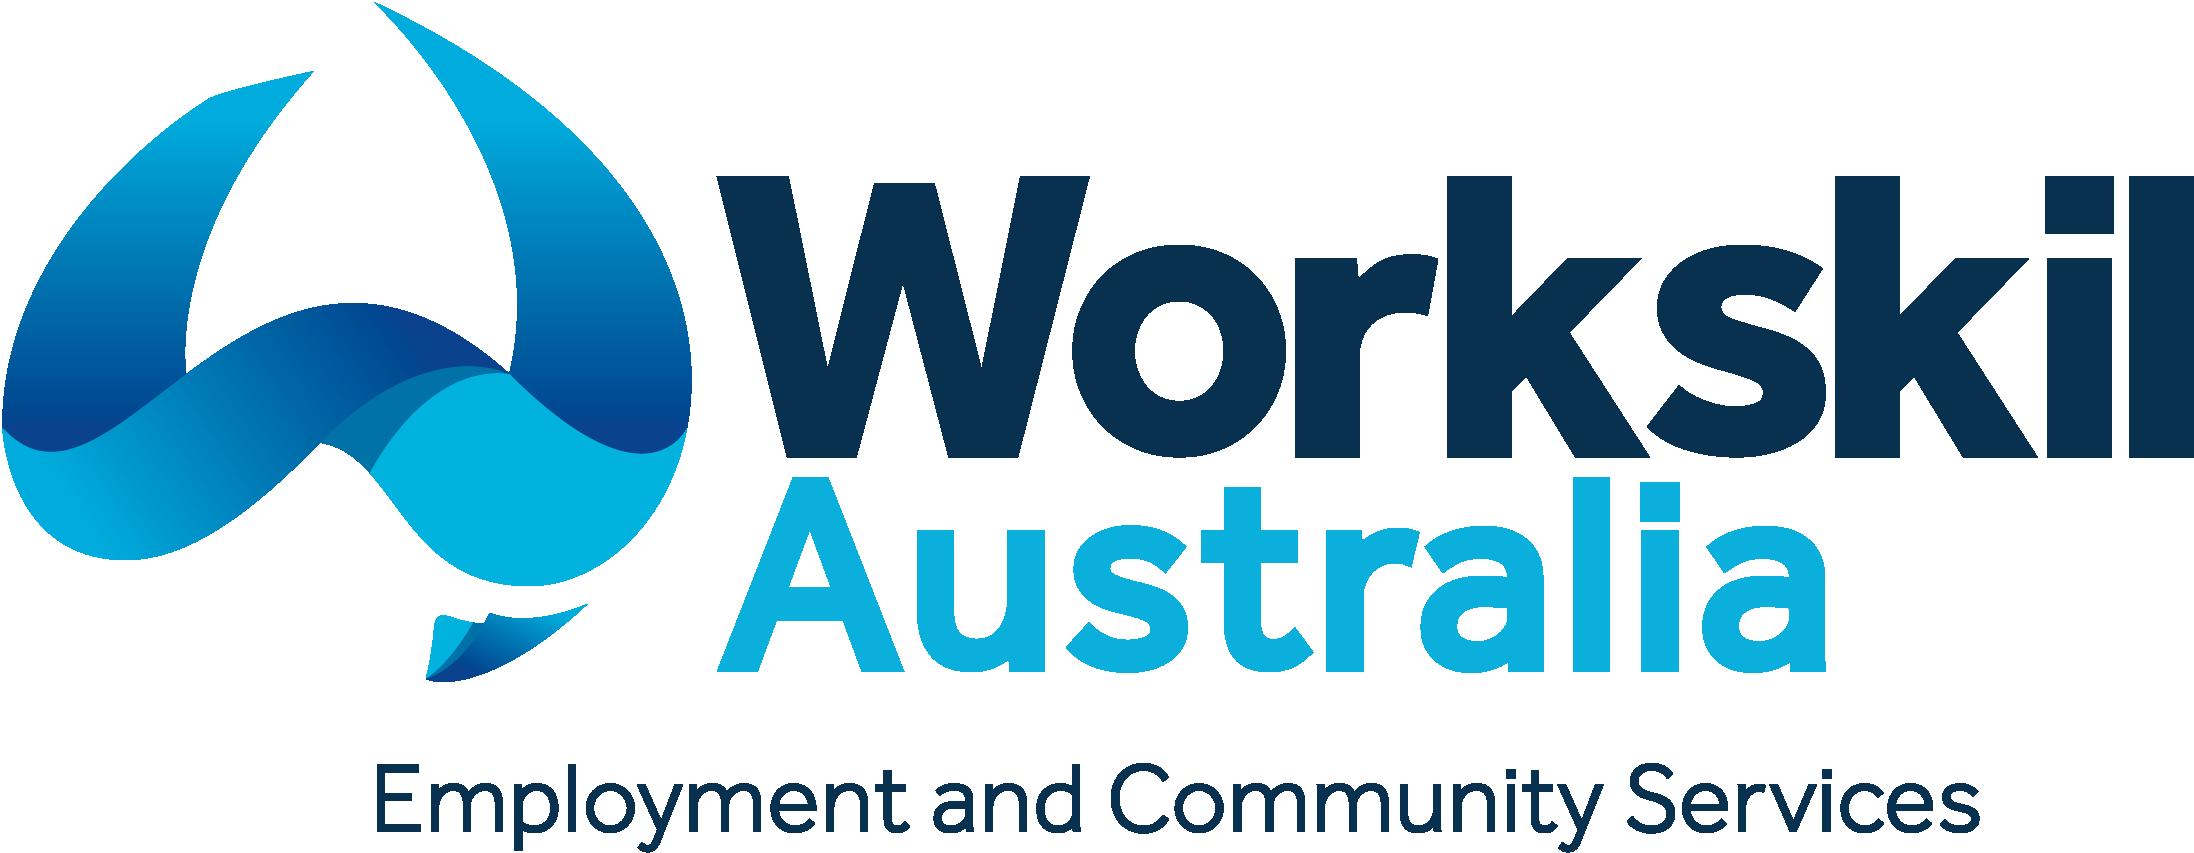 Workskil Australia+Tagline- Navy